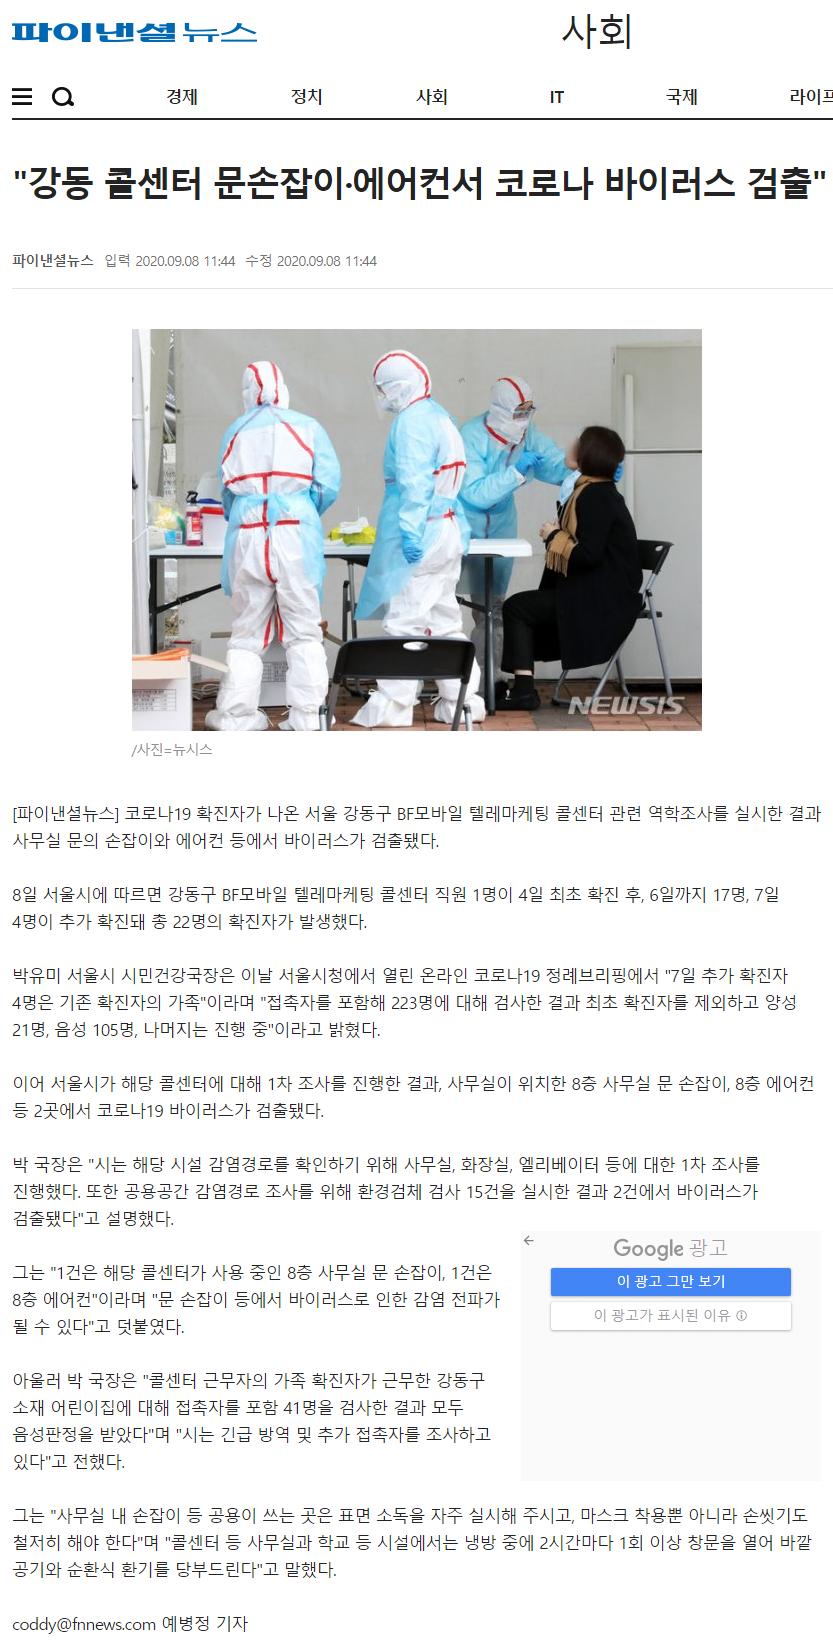 _강동-콜센터-문손잡이·에어컨서-코로나-바이러스-검출----파이낸셜뉴스